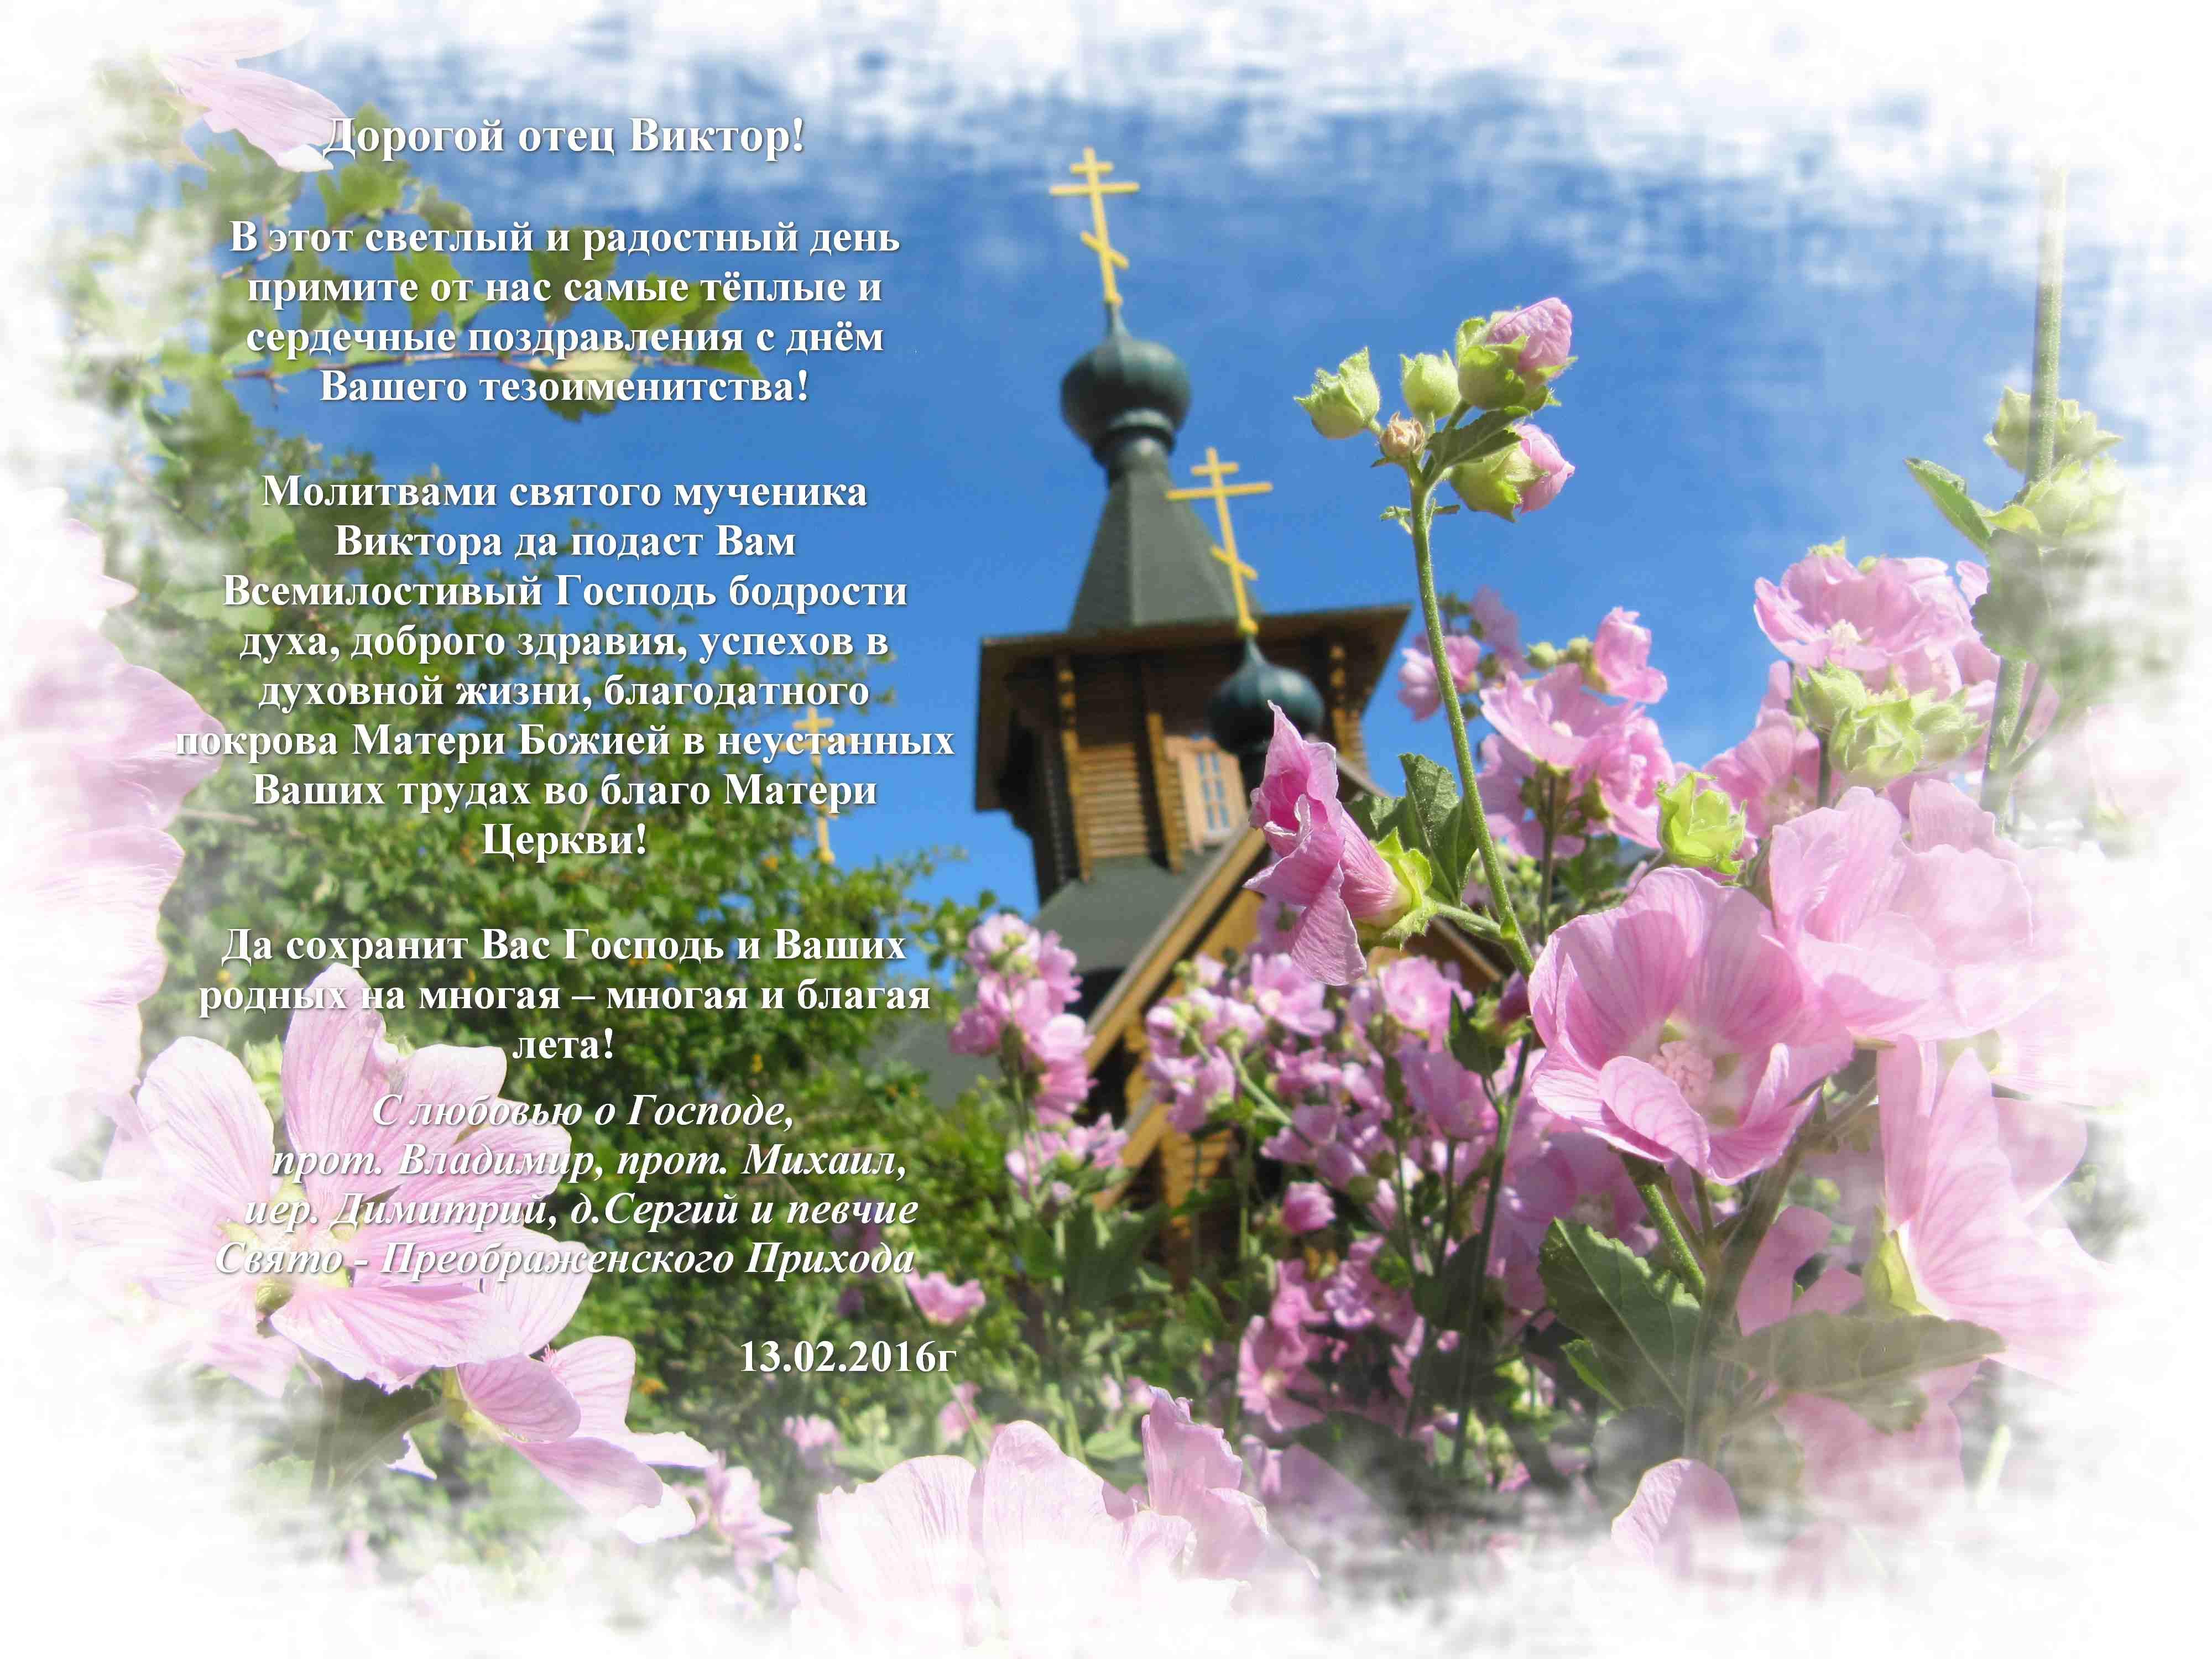 Именины Паши, поздравление Павлу Значение имени Павел: «малый» (лат.) 20